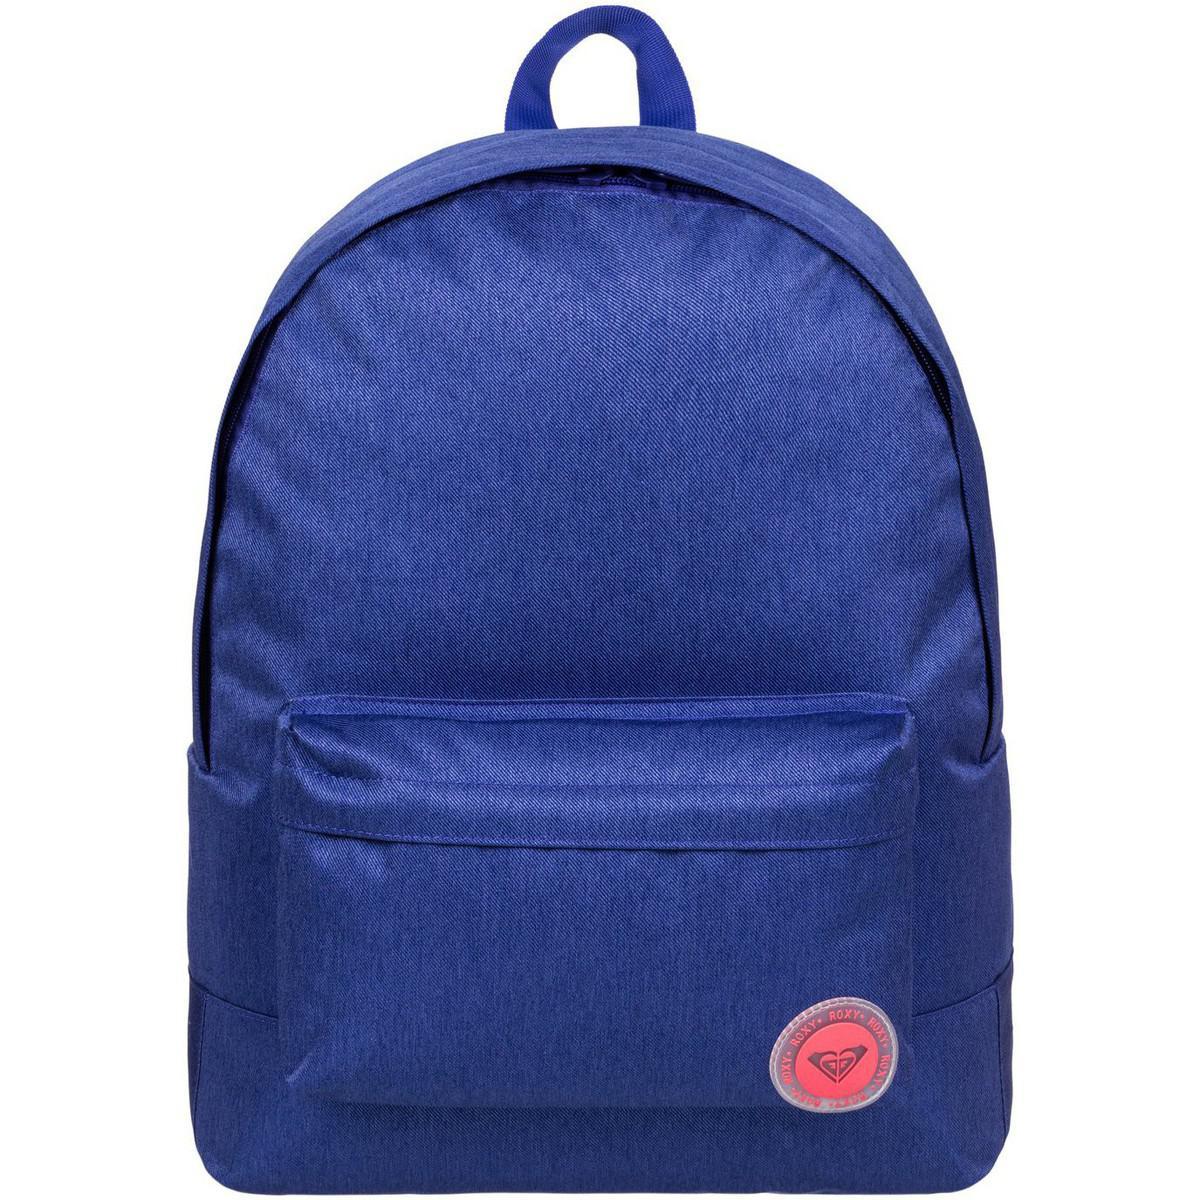 b74143c75035 Lyst - Roxy Sugar Baby - Mochila Mediana Women s Backpack In Blue in ...